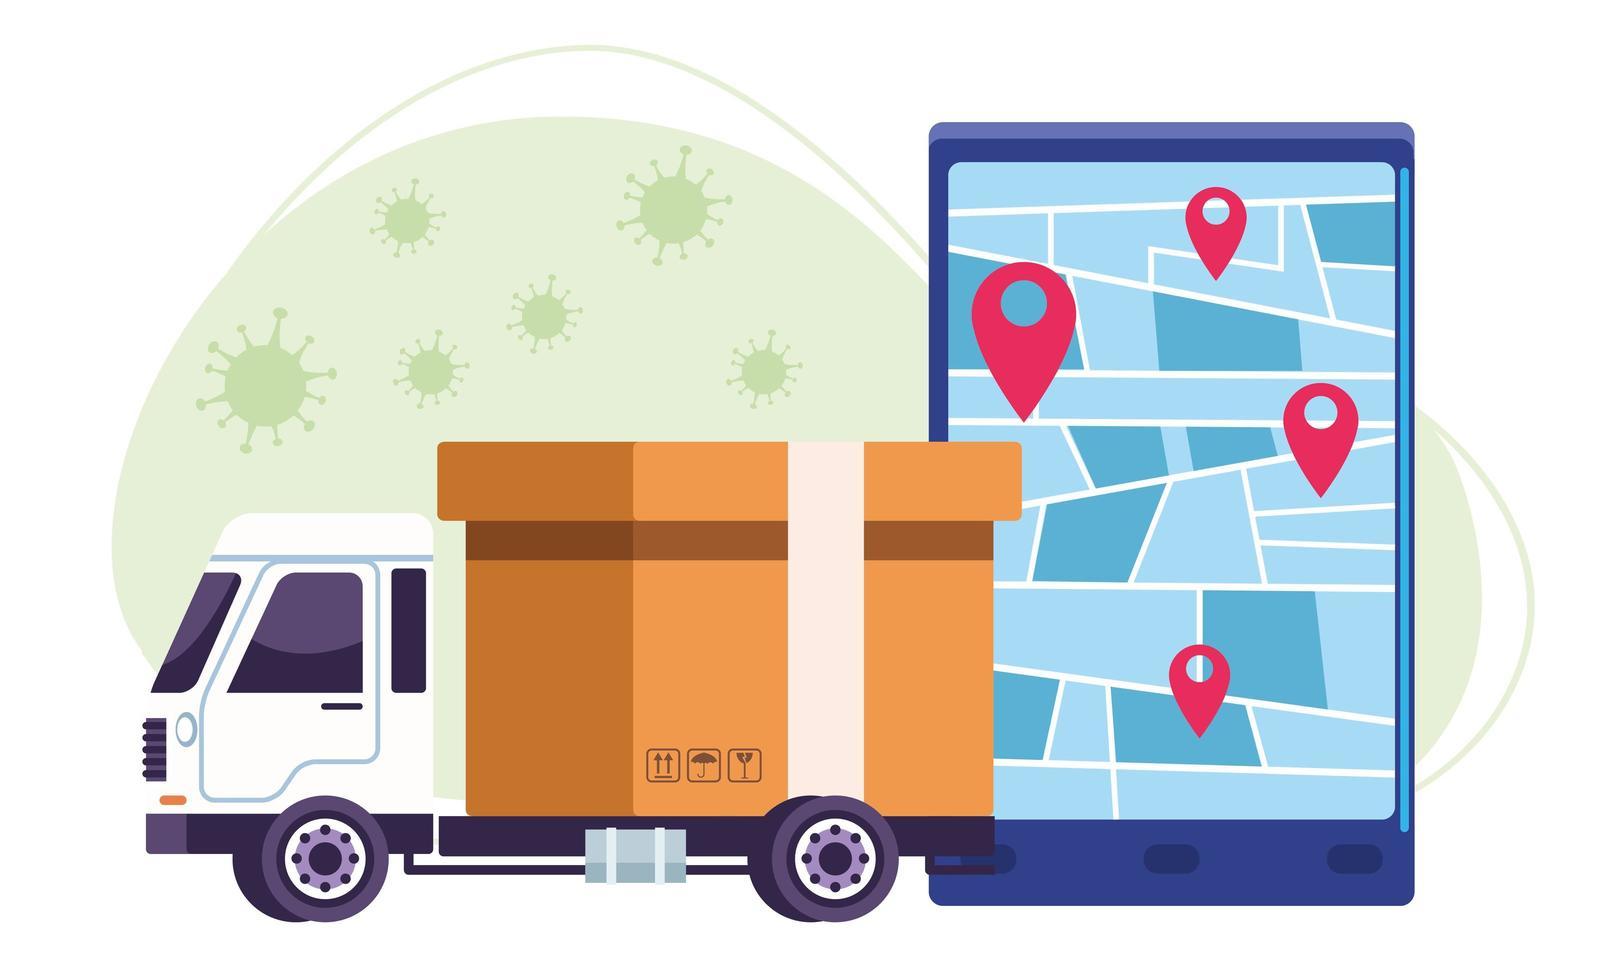 consegna di camion con 19 particelle covid vettore